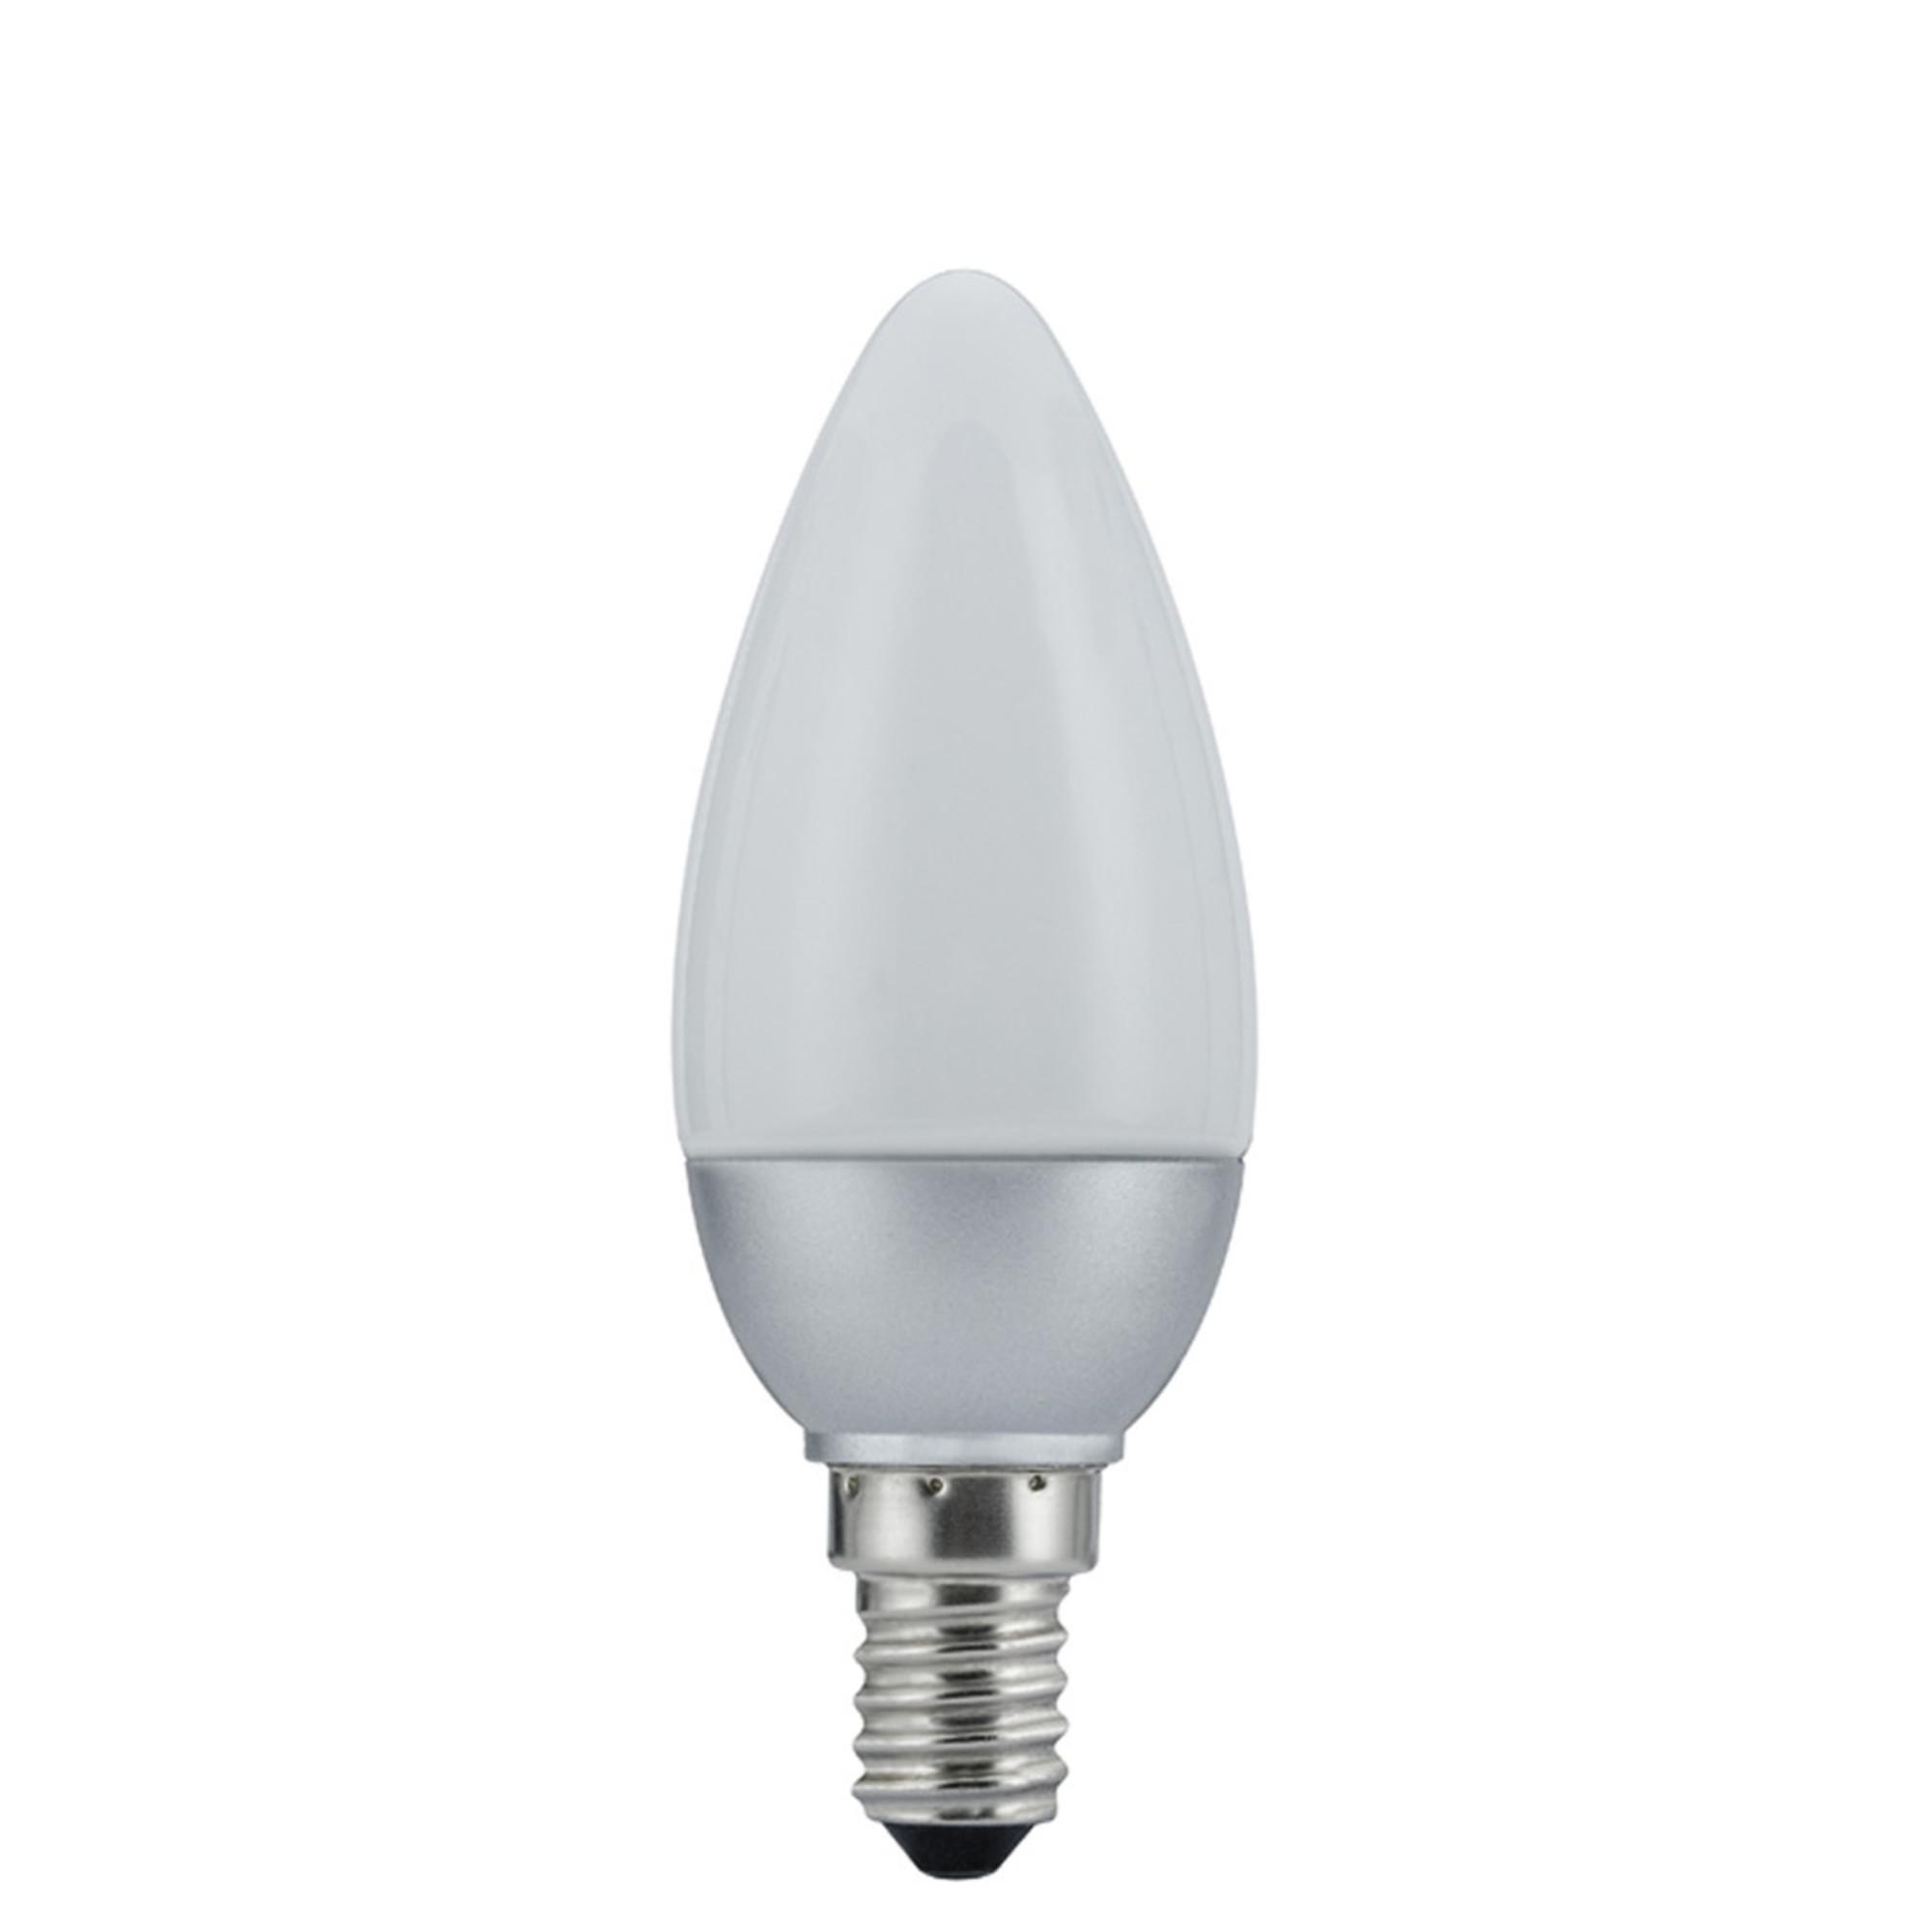 Лампа светодиодная Paulmann 28025 E14 7.5 Лм нейтральный